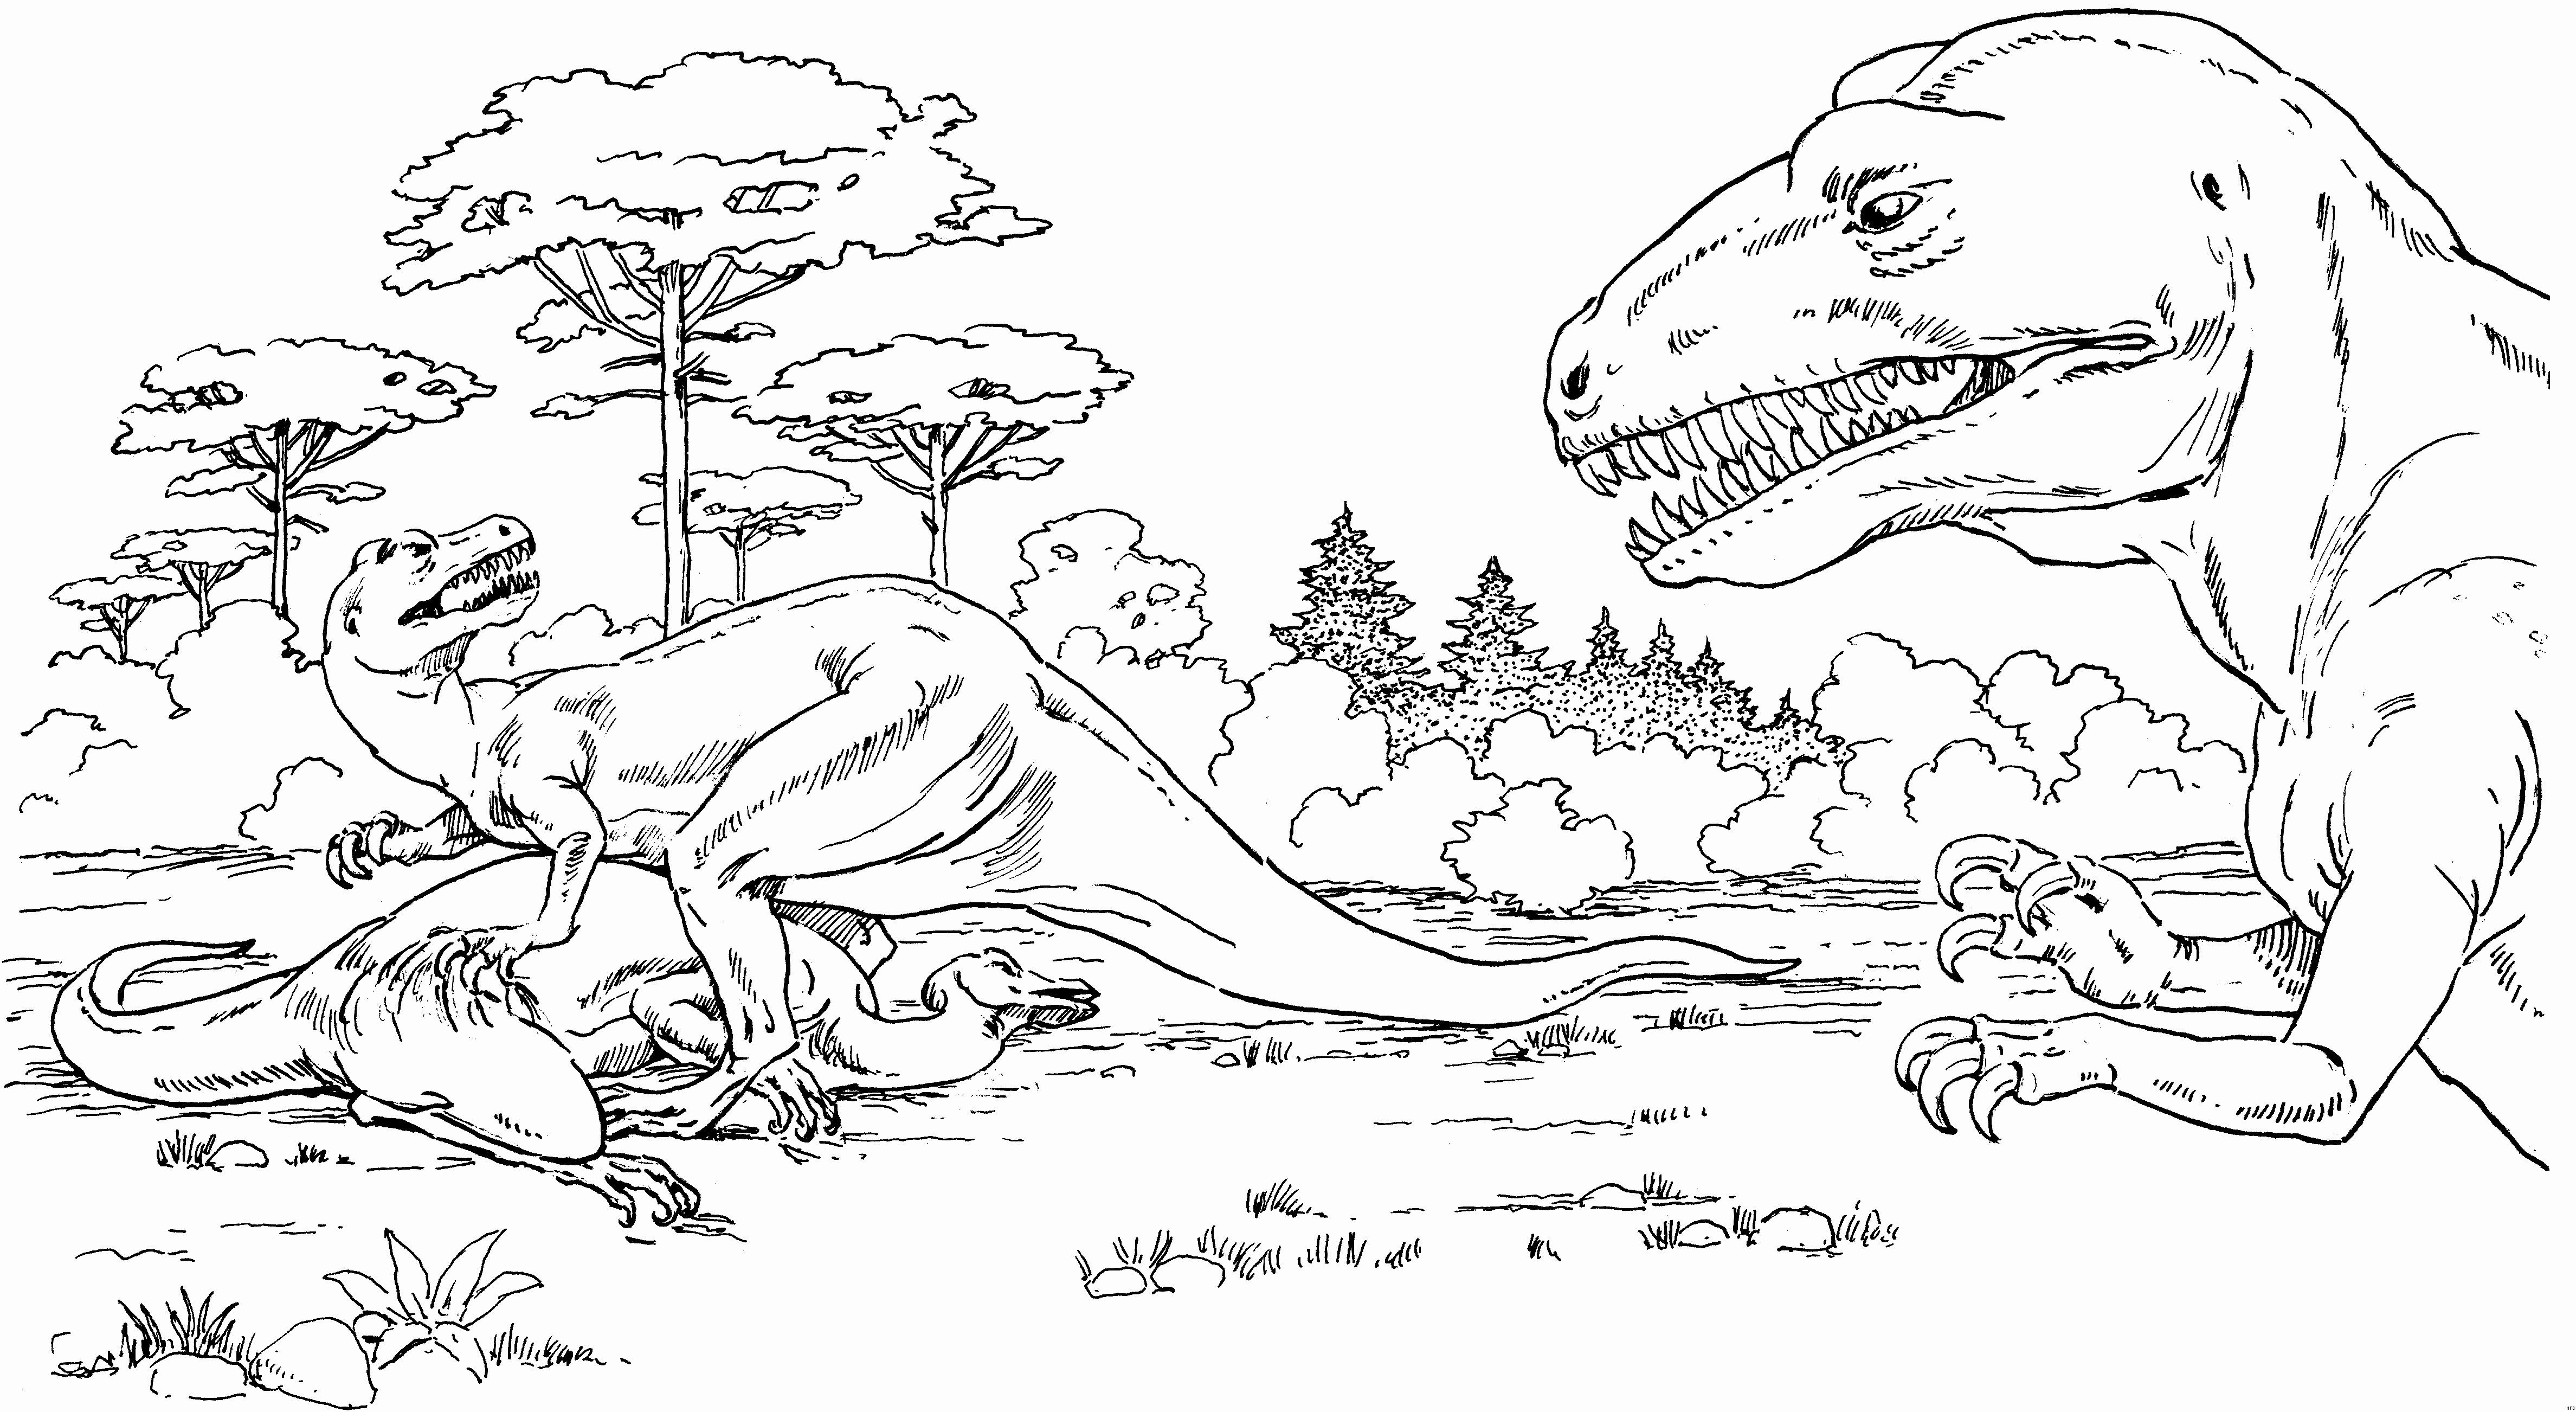 T Rex Zum Ausmalen Frisch Dinosaurier Bilder Zum Ausmalen Fotos Malbuch Der Dinosaurier Für Bild